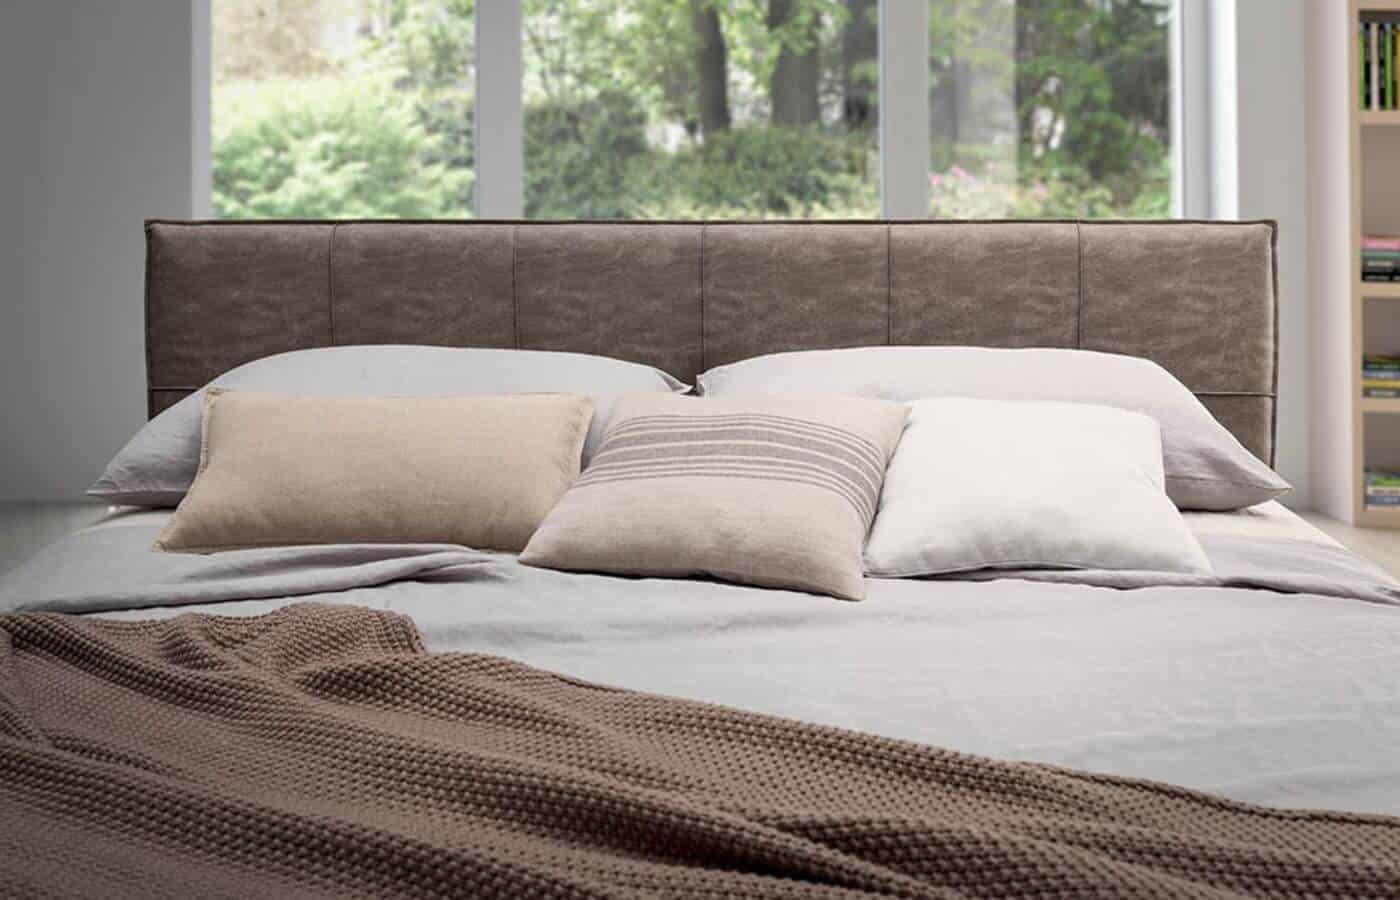 zona-notte-letto-contenitore-collezione-ambra-il-mobile (1)